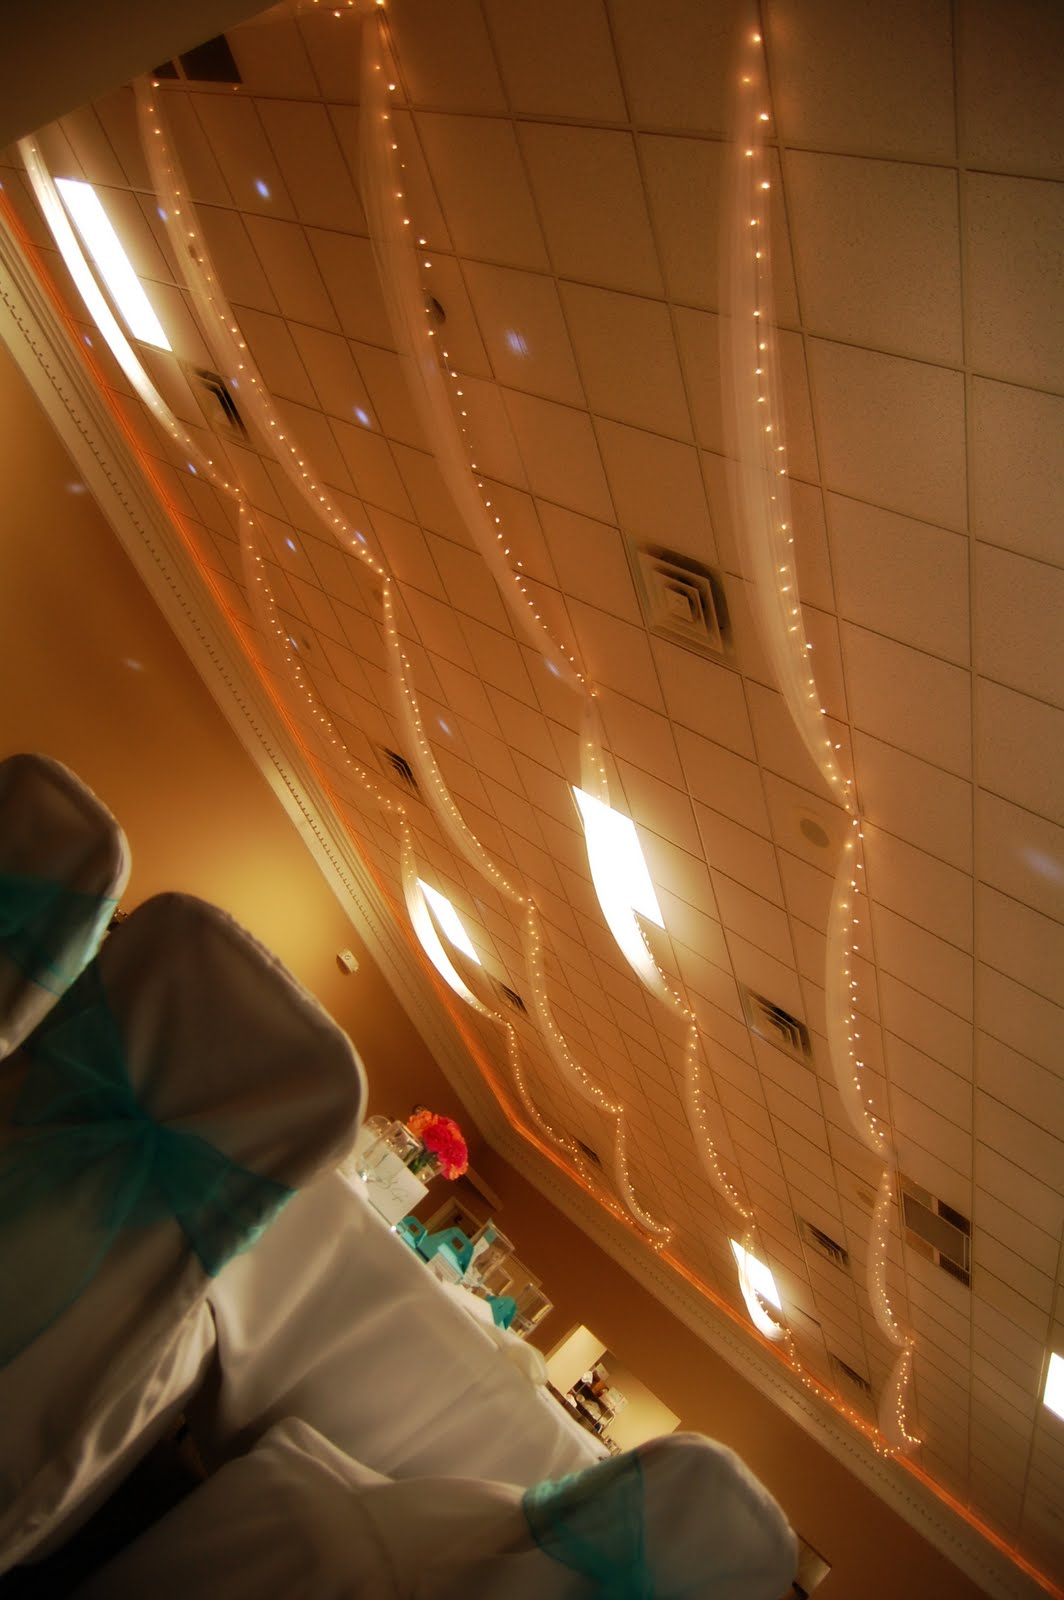 http://3.bp.blogspot.com/_uNDOdmI6uTk/TLXsE4U0o9I/AAAAAAAAAsI/xC3SSRyBoTk/s1600/ceiling%2Bdecor.jpg